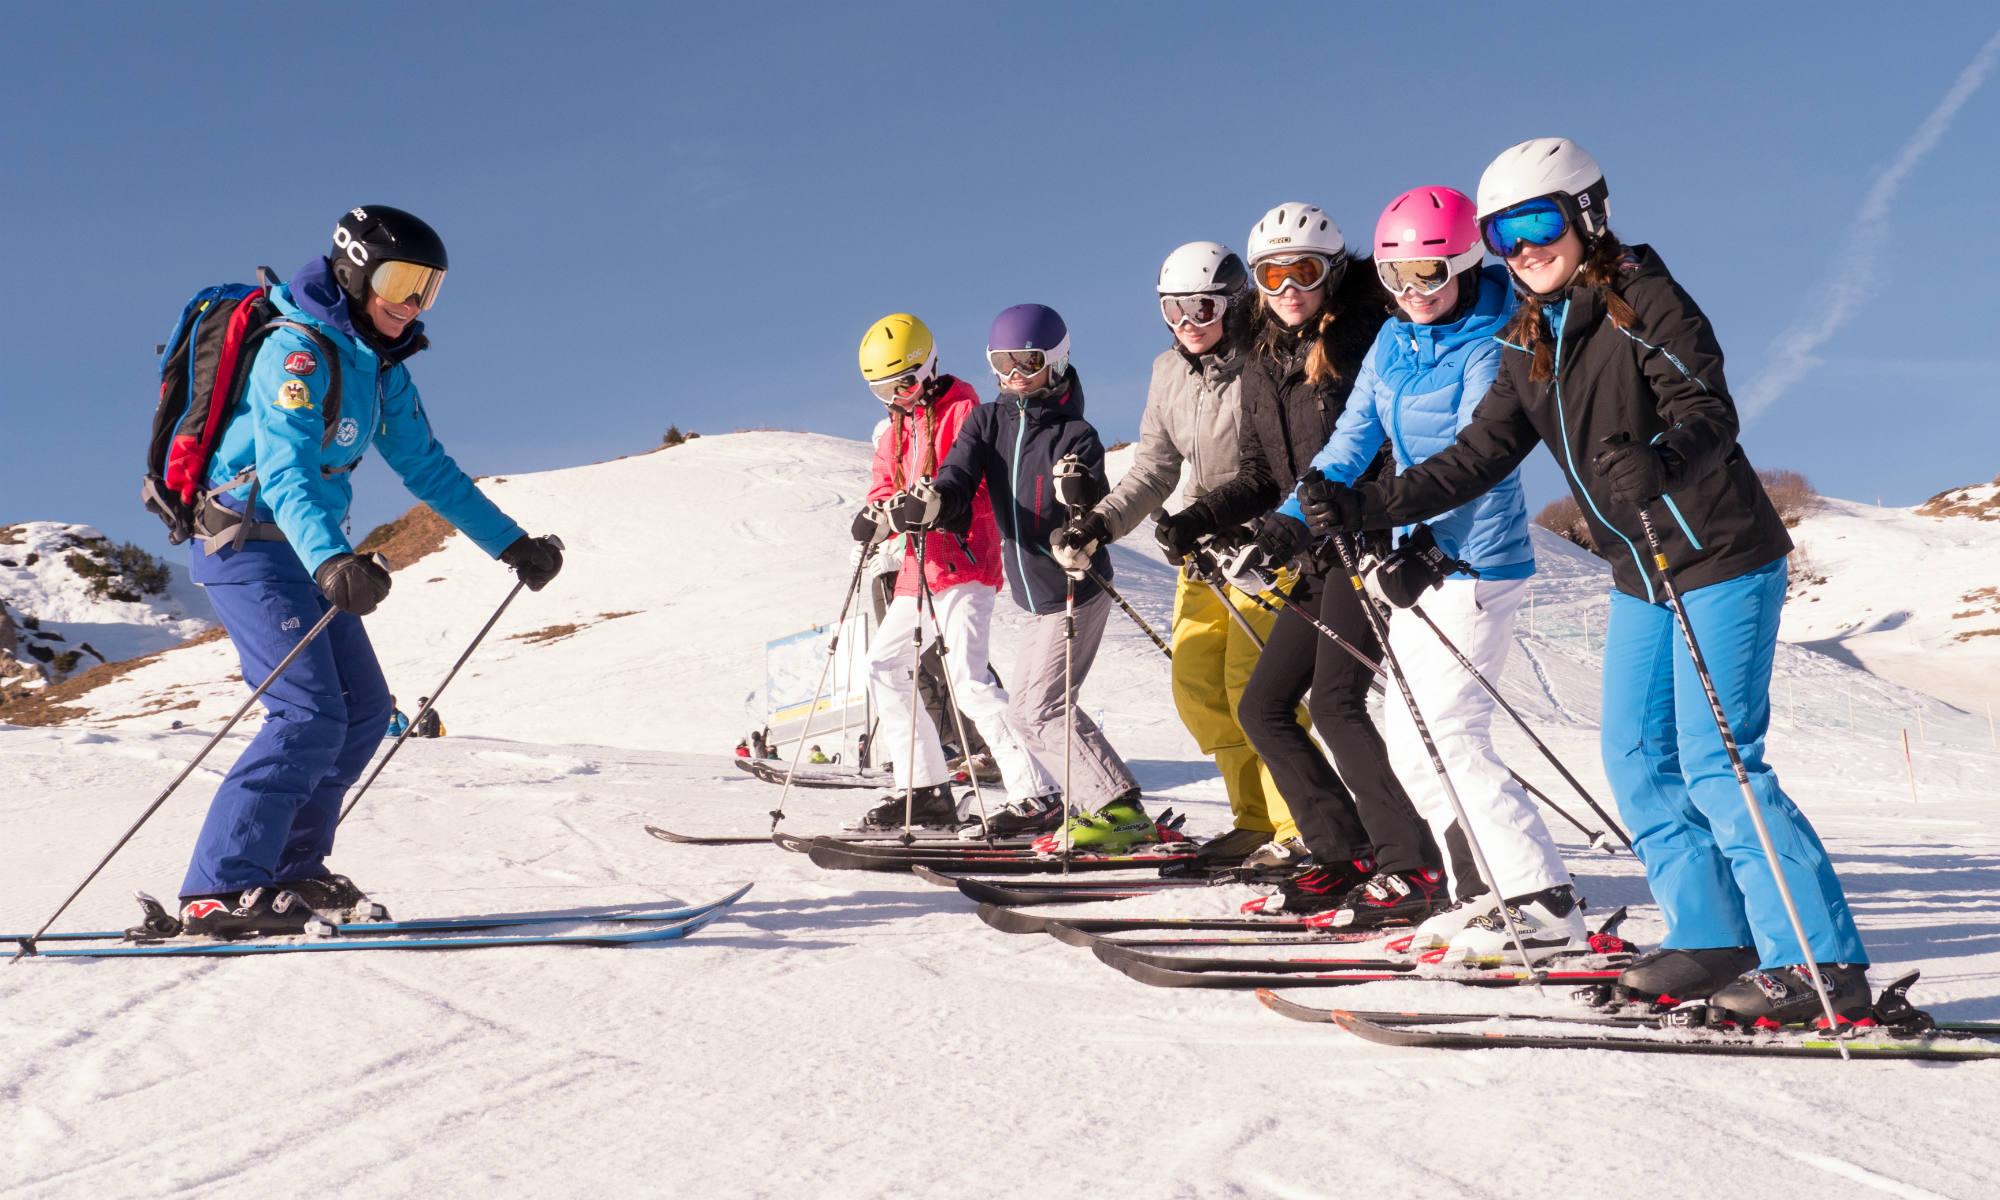 Eine Skilehrerin beim Skikurs mit Teenagern auf Skipiste bei sonnigem Wetter.